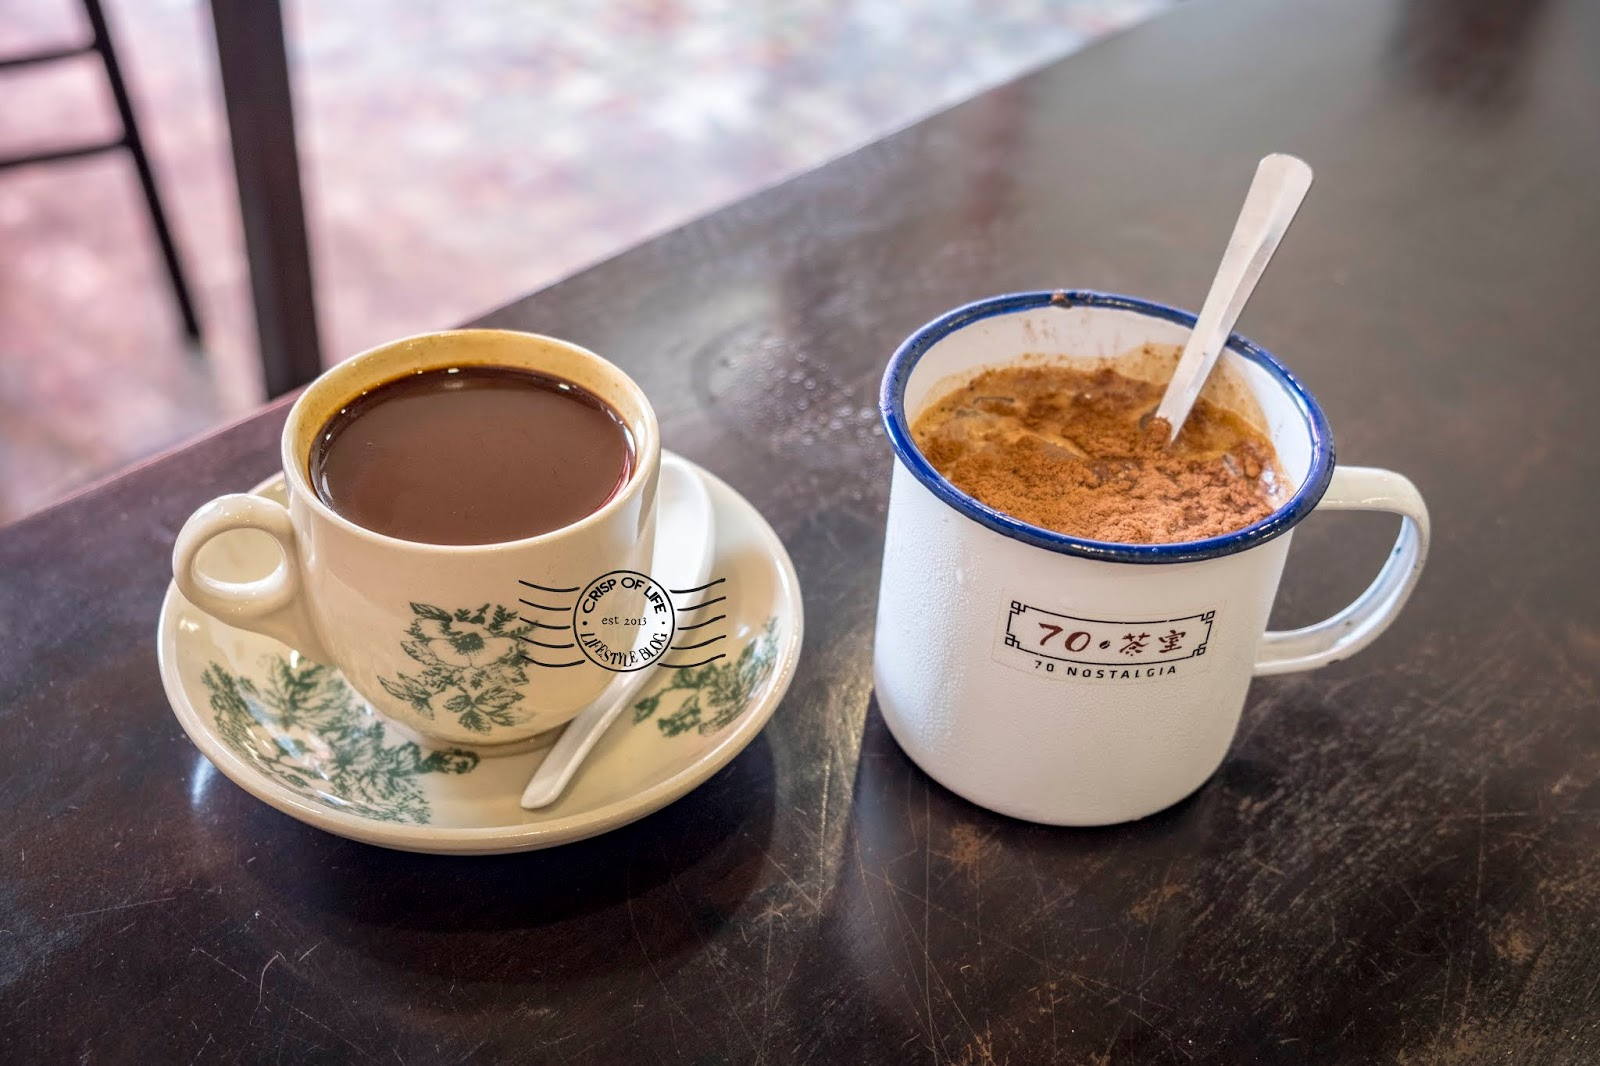 70 茶室 Nostalgia Cafe @ Lebuh Kinta, Penang